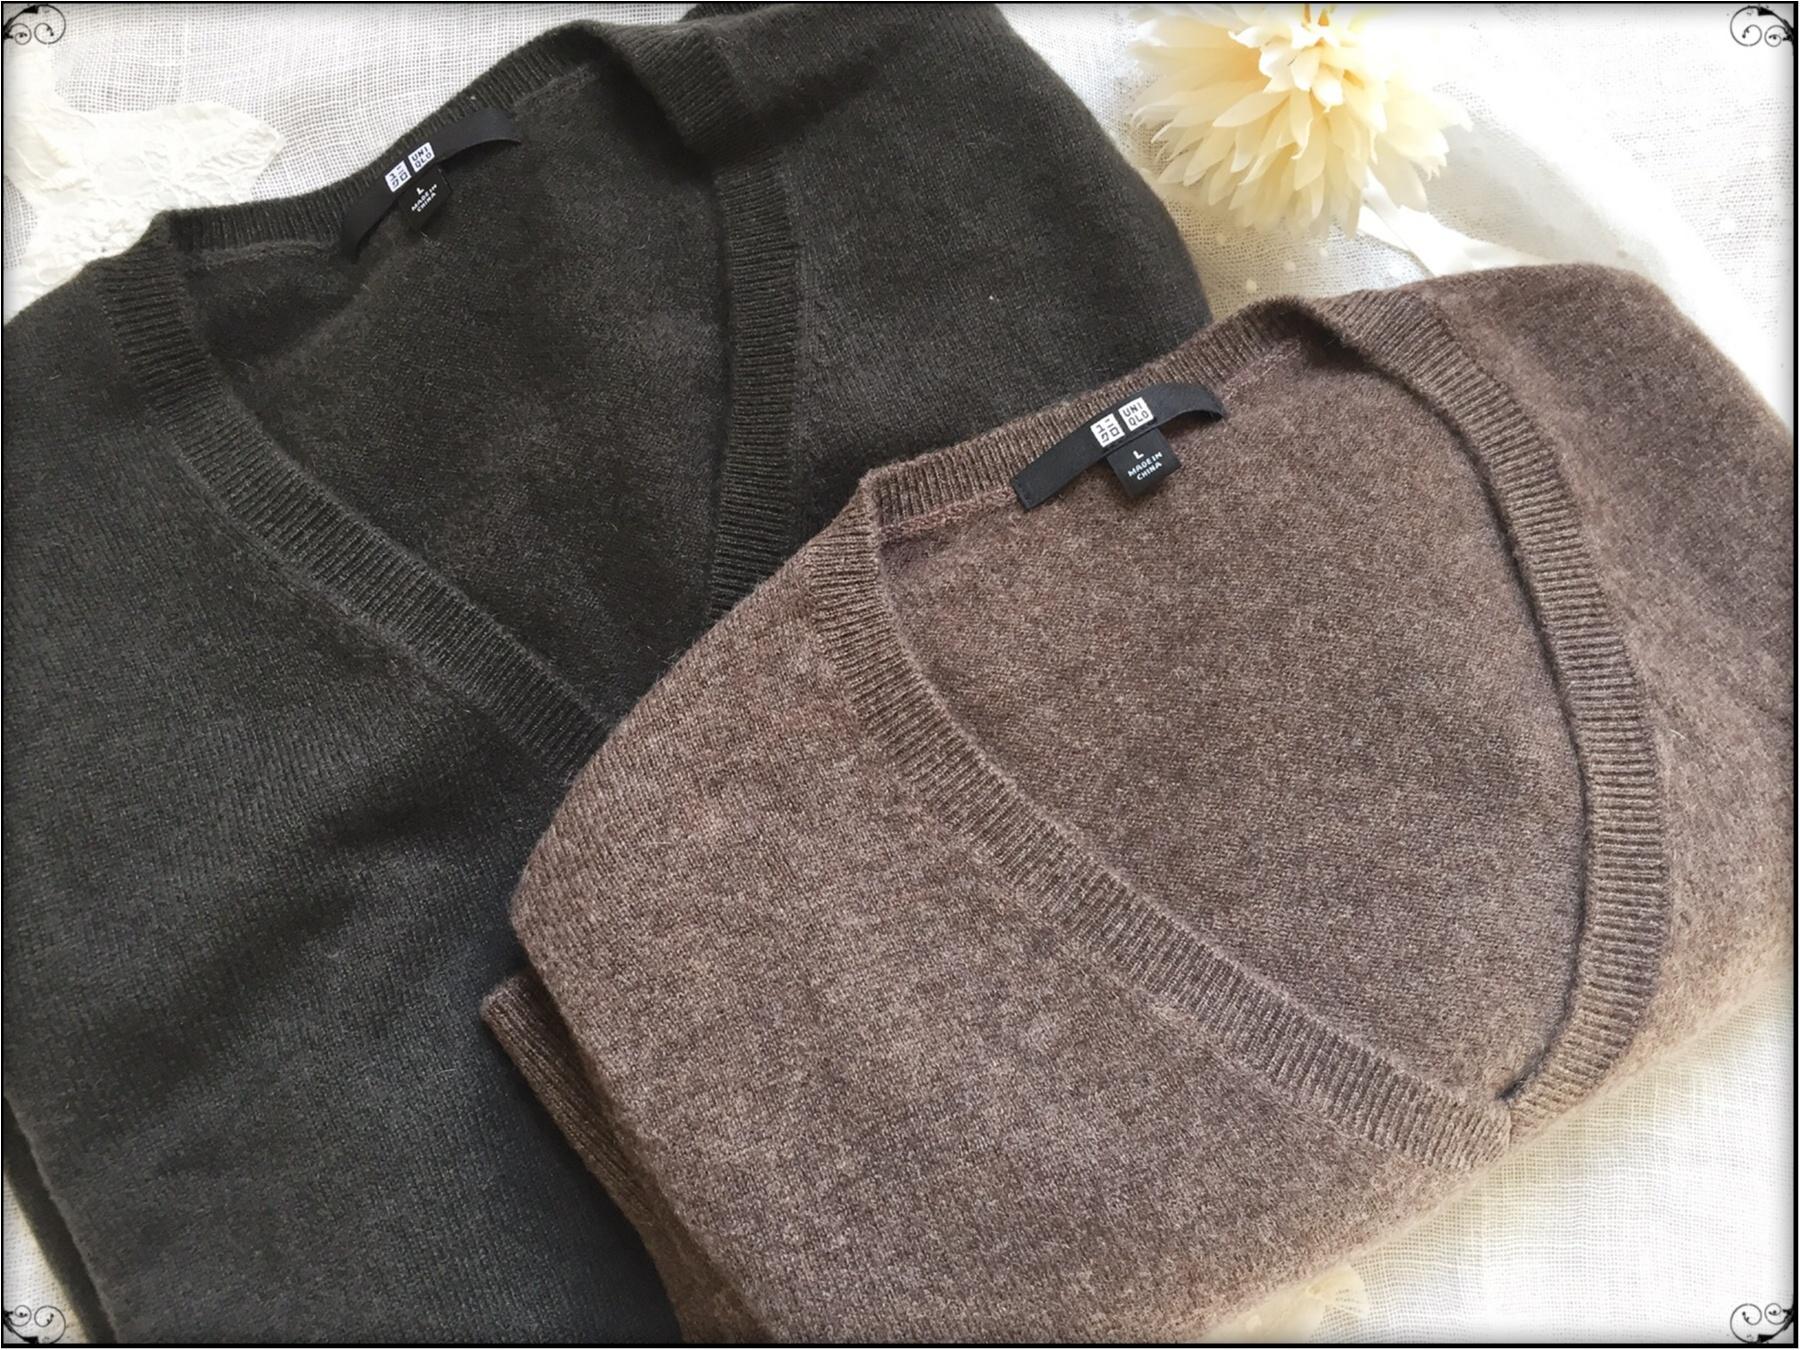 …ஐ 【ユニクロカシミヤVネックセーター】イロチ買いマストの100%カシミヤ素材♥️ふんわり軽くて温かい肌ざわりをこの値段で買えるのはユニクロだけ‼︎ ஐ¨_2